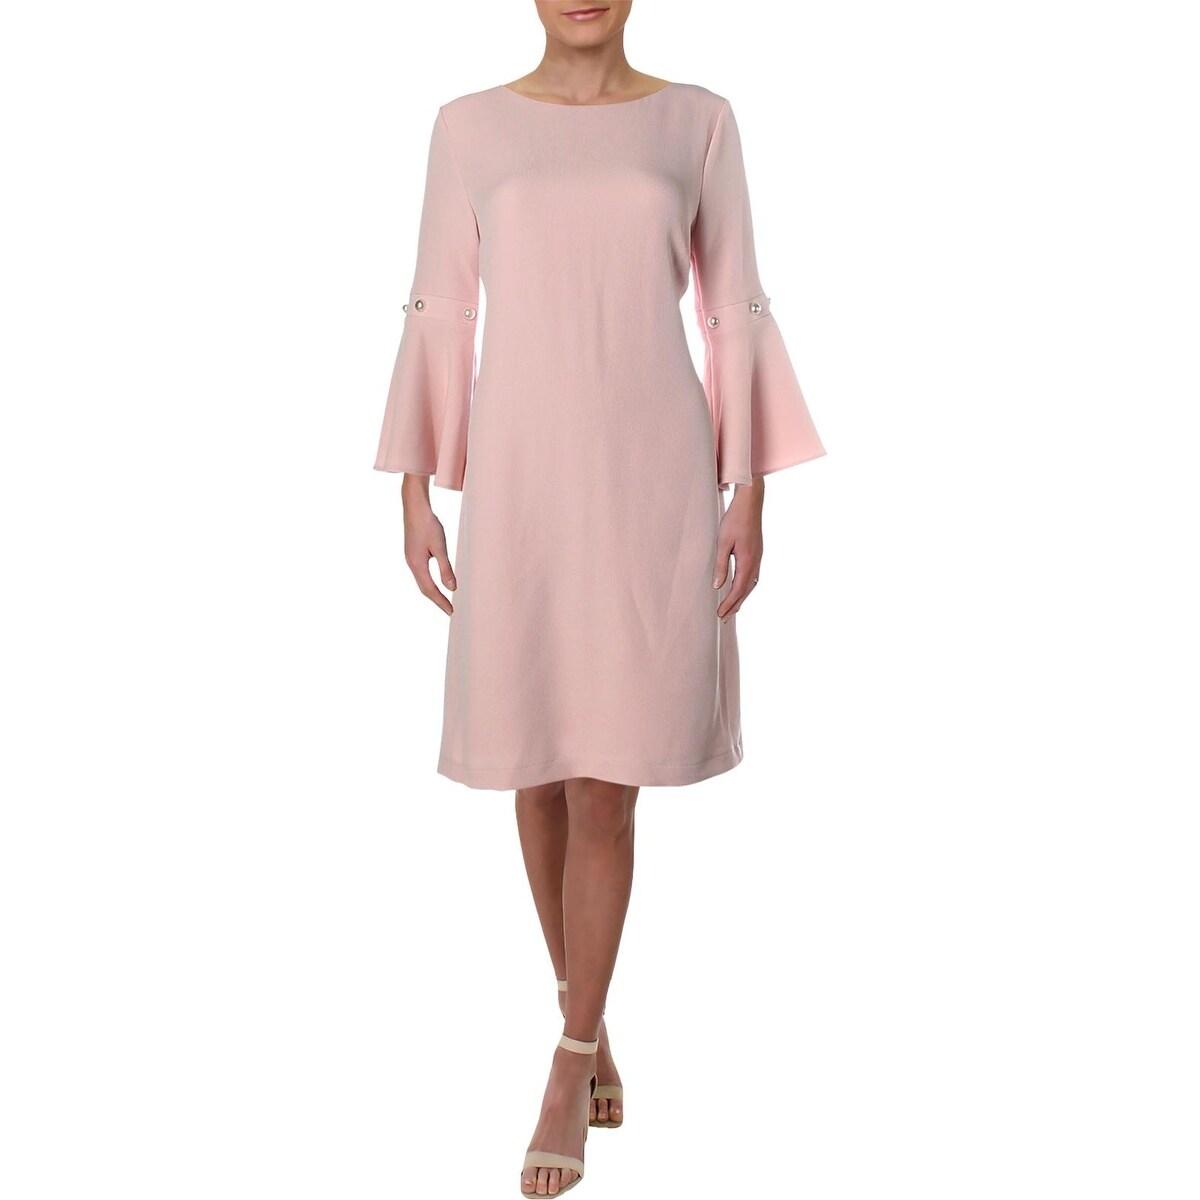 a4b2195a740 Ivanka Trump Dresses